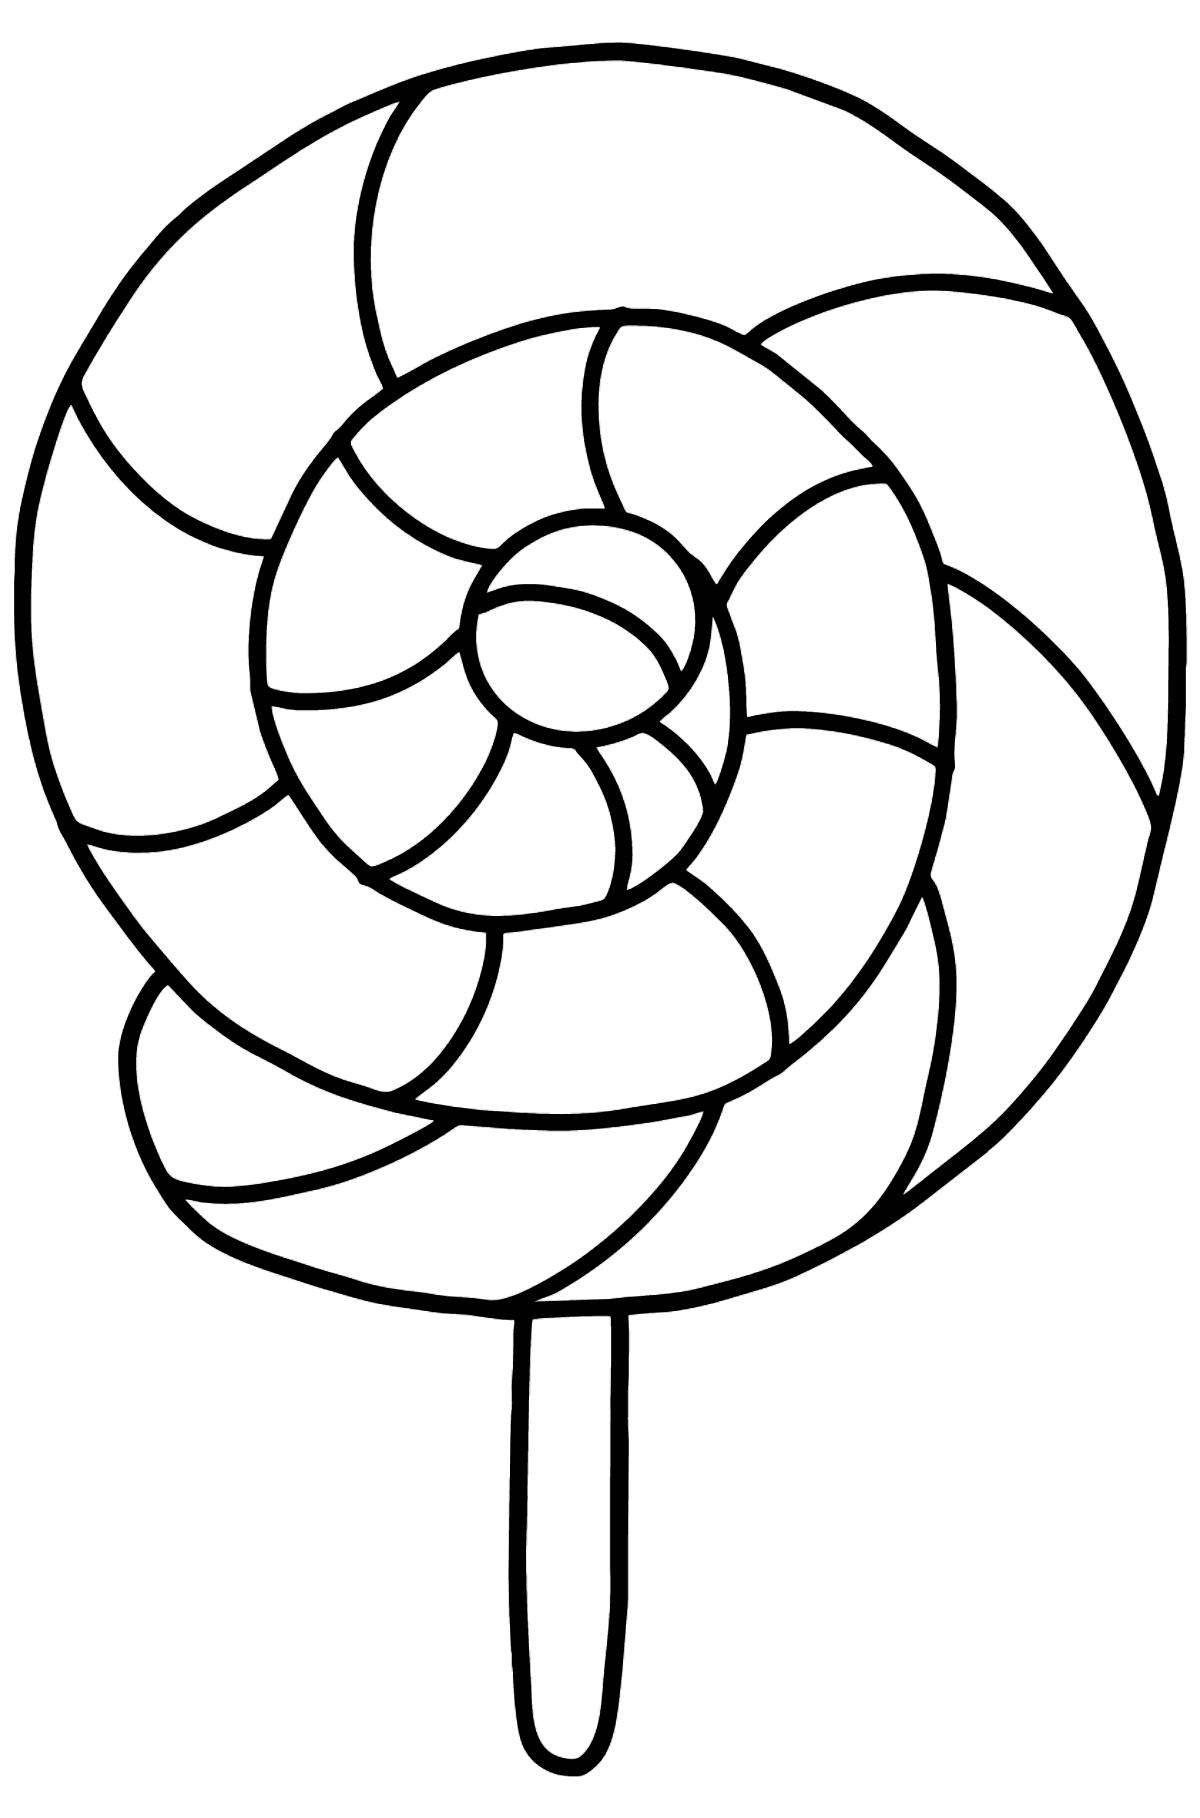 Bunte Lollipop Ausmalbild - Malvorlagen für Kinder